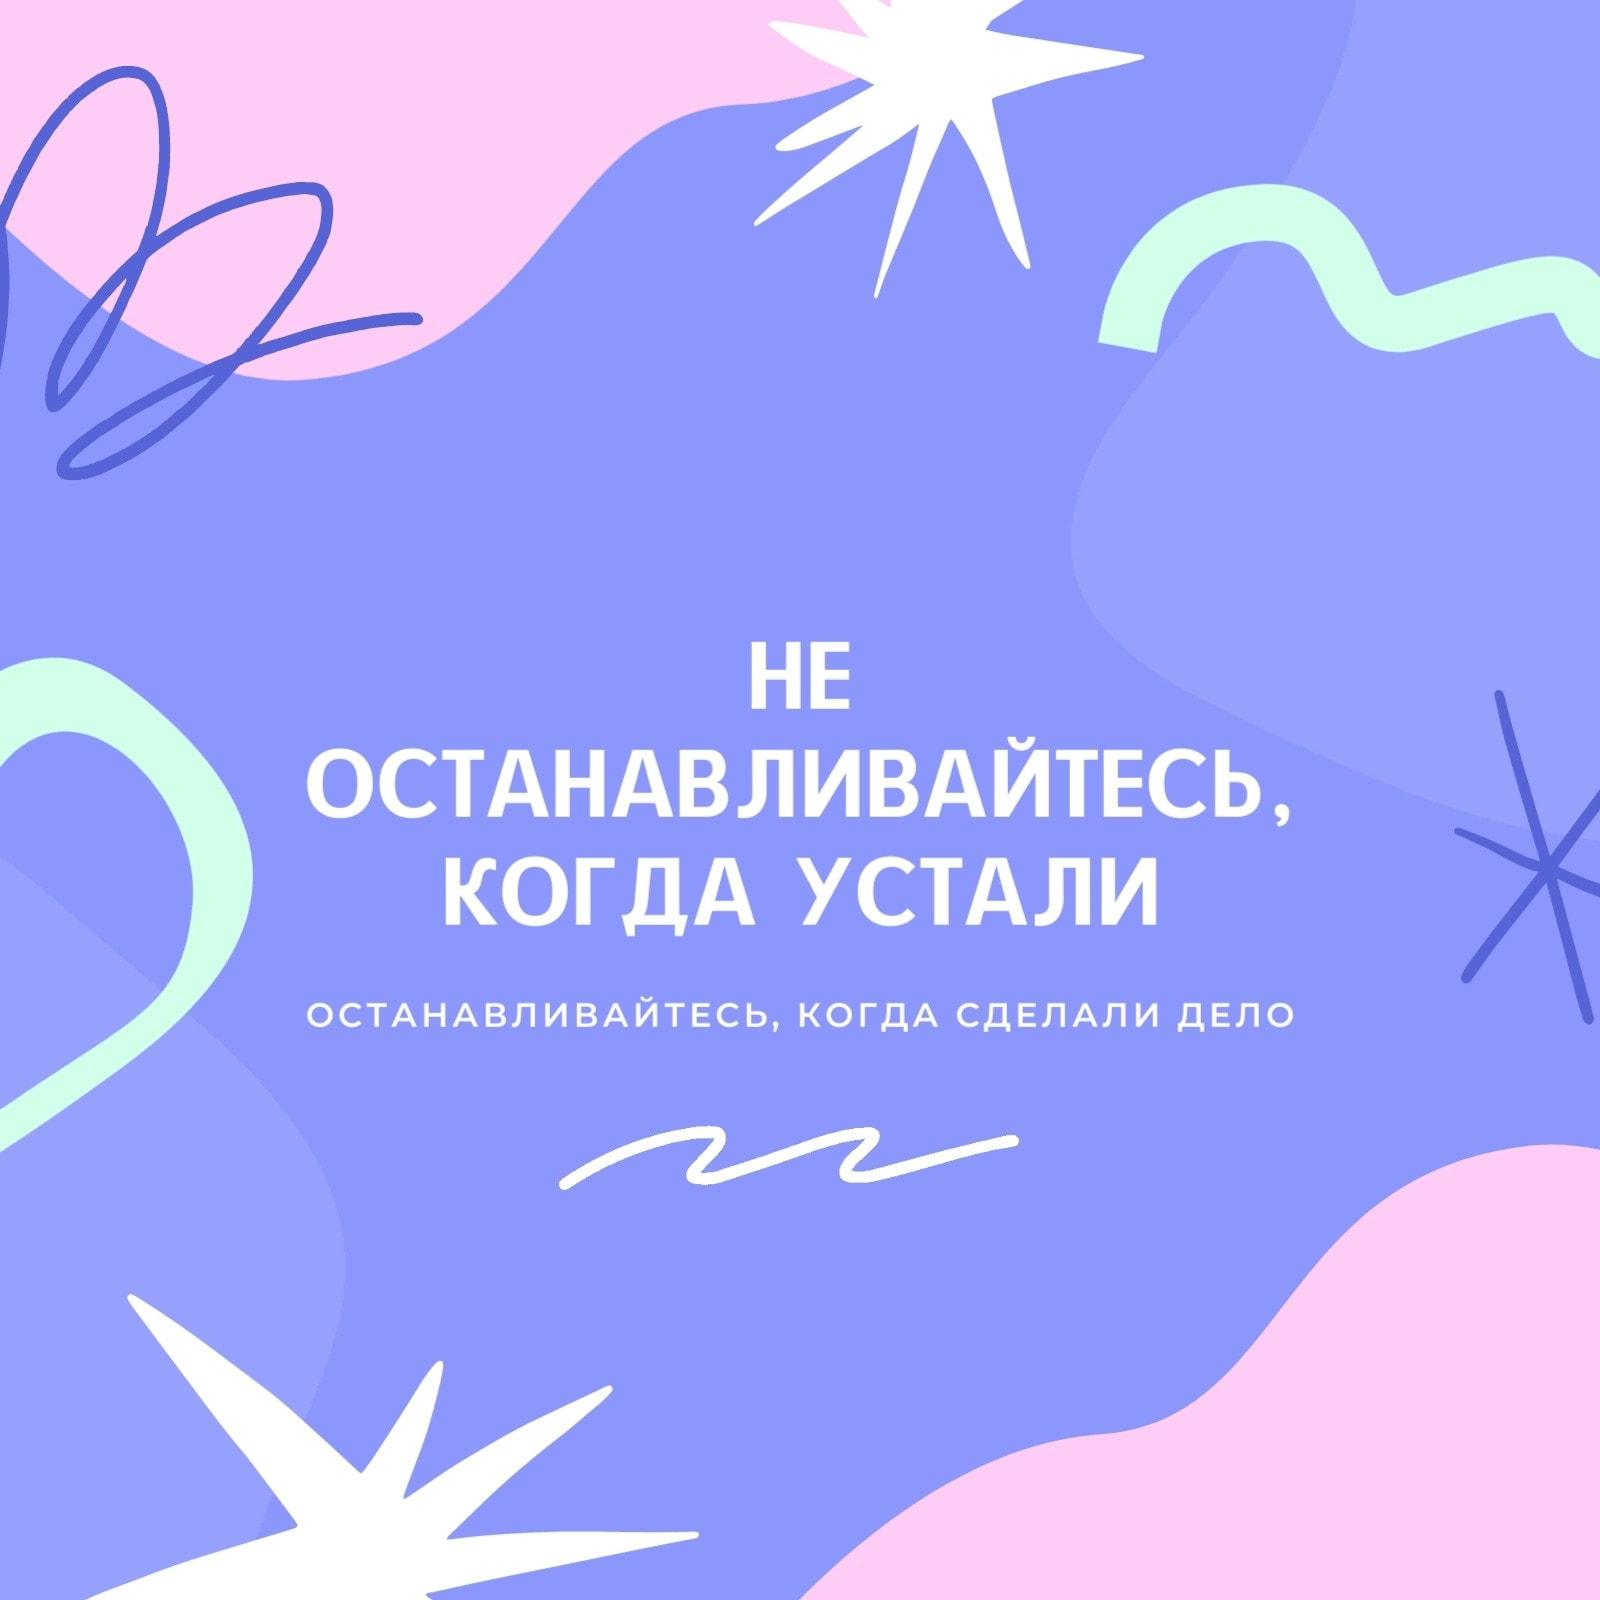 Фиолетовая и Розовая Иллюстративная и Разноцветная Цитаты Социальные Сети Публикация